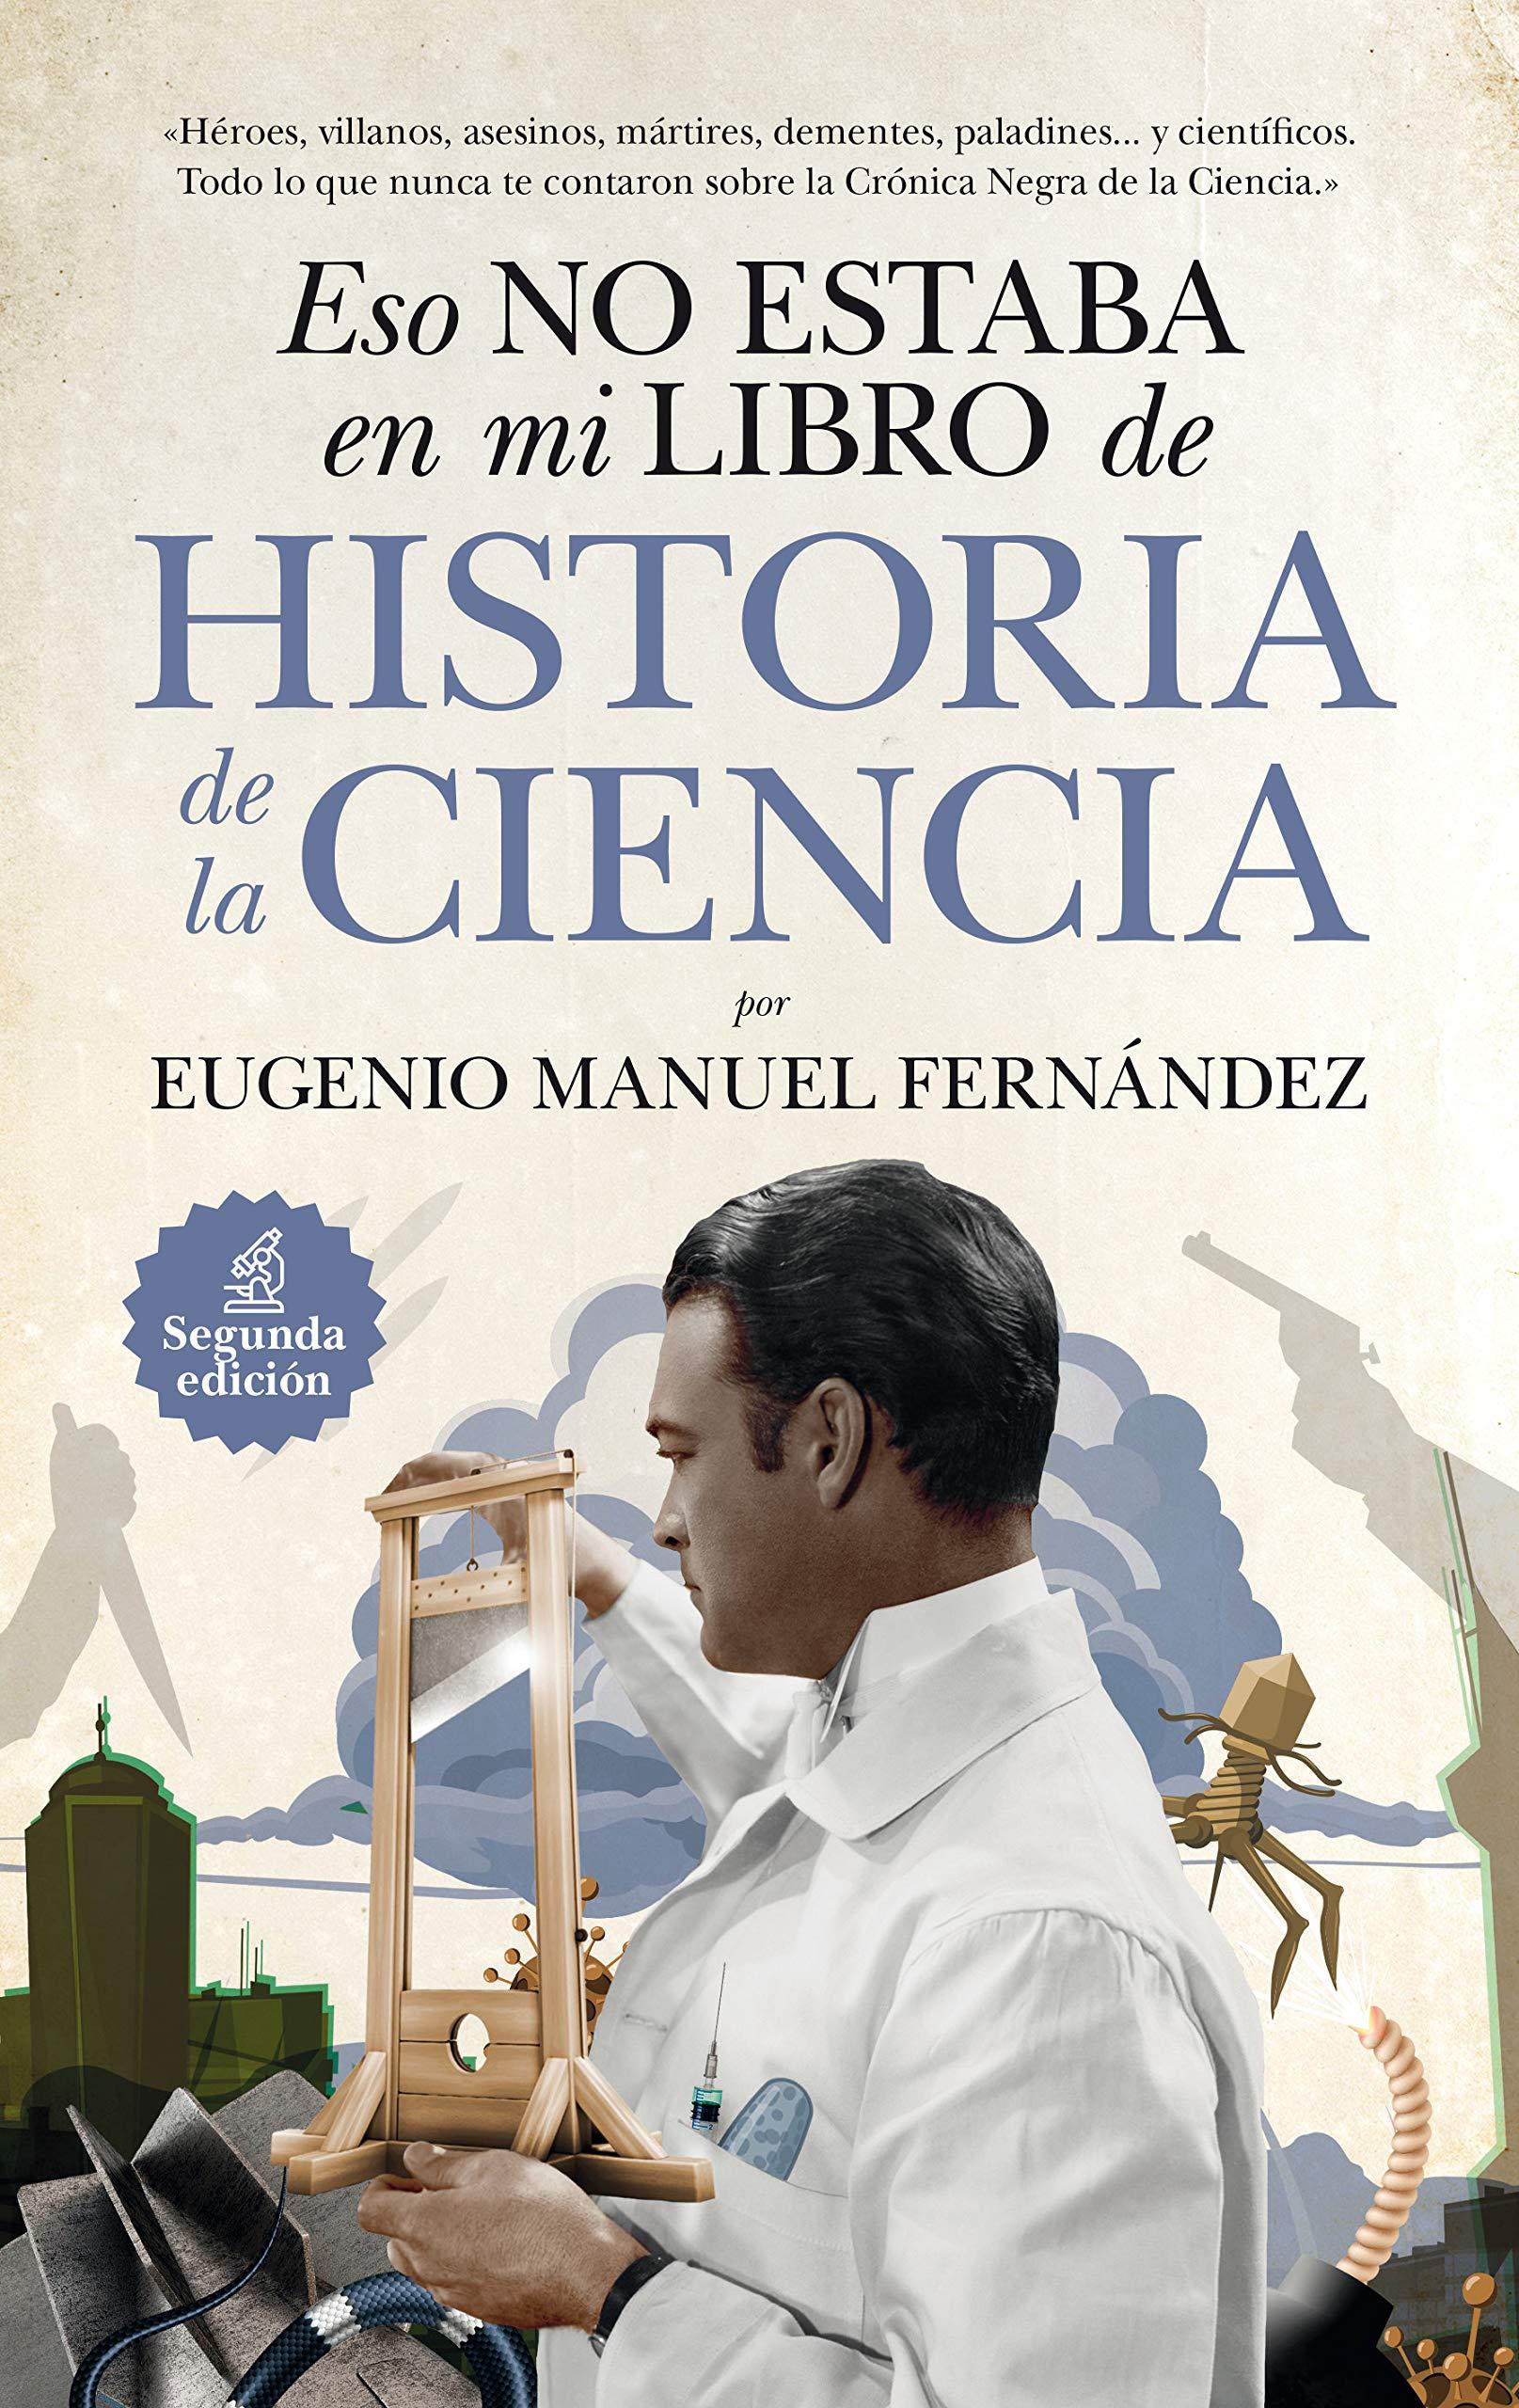 Eso no estaba en mi libro de Historia de la Ciencia Divulgación Científica: Amazon.es: Fernández Aguilar, Eugenio Manuel: Libros